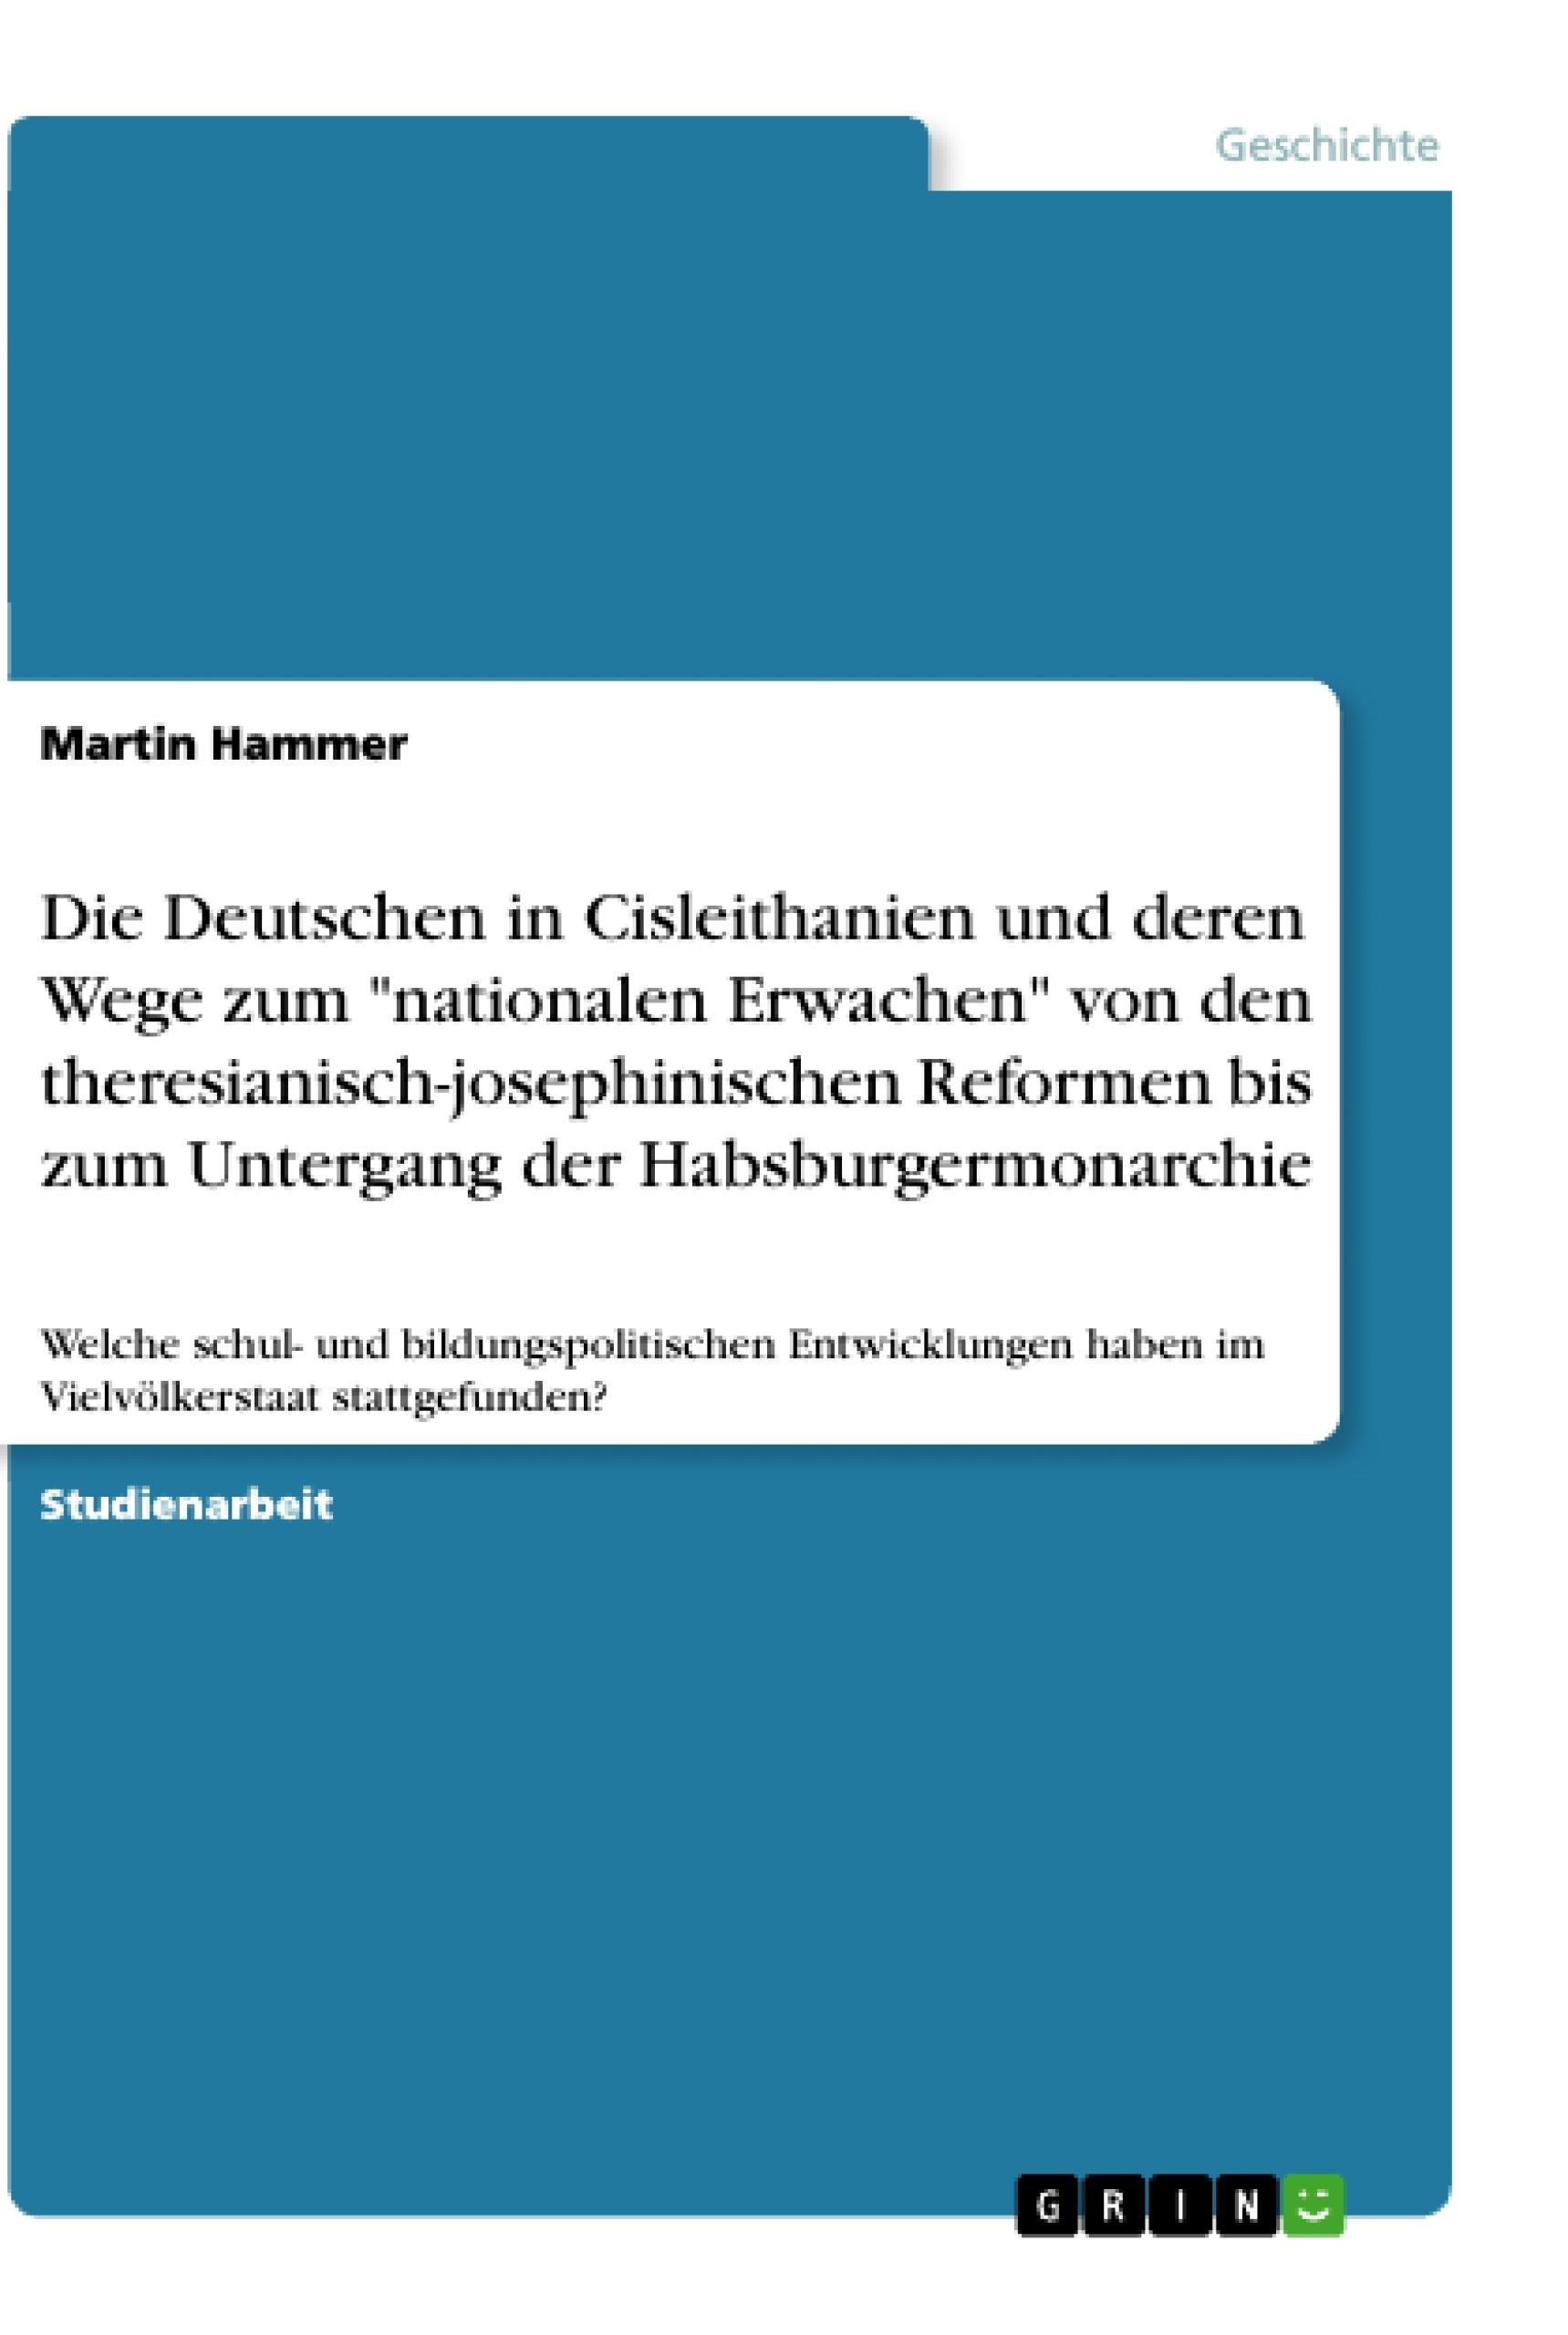 """Titel: Die Deutschen in Cisleithanien und deren Wege zum """"nationalen Erwachen"""" von den theresianisch-josephinischen Reformen bis zum Untergang der Habsburgermonarchie"""